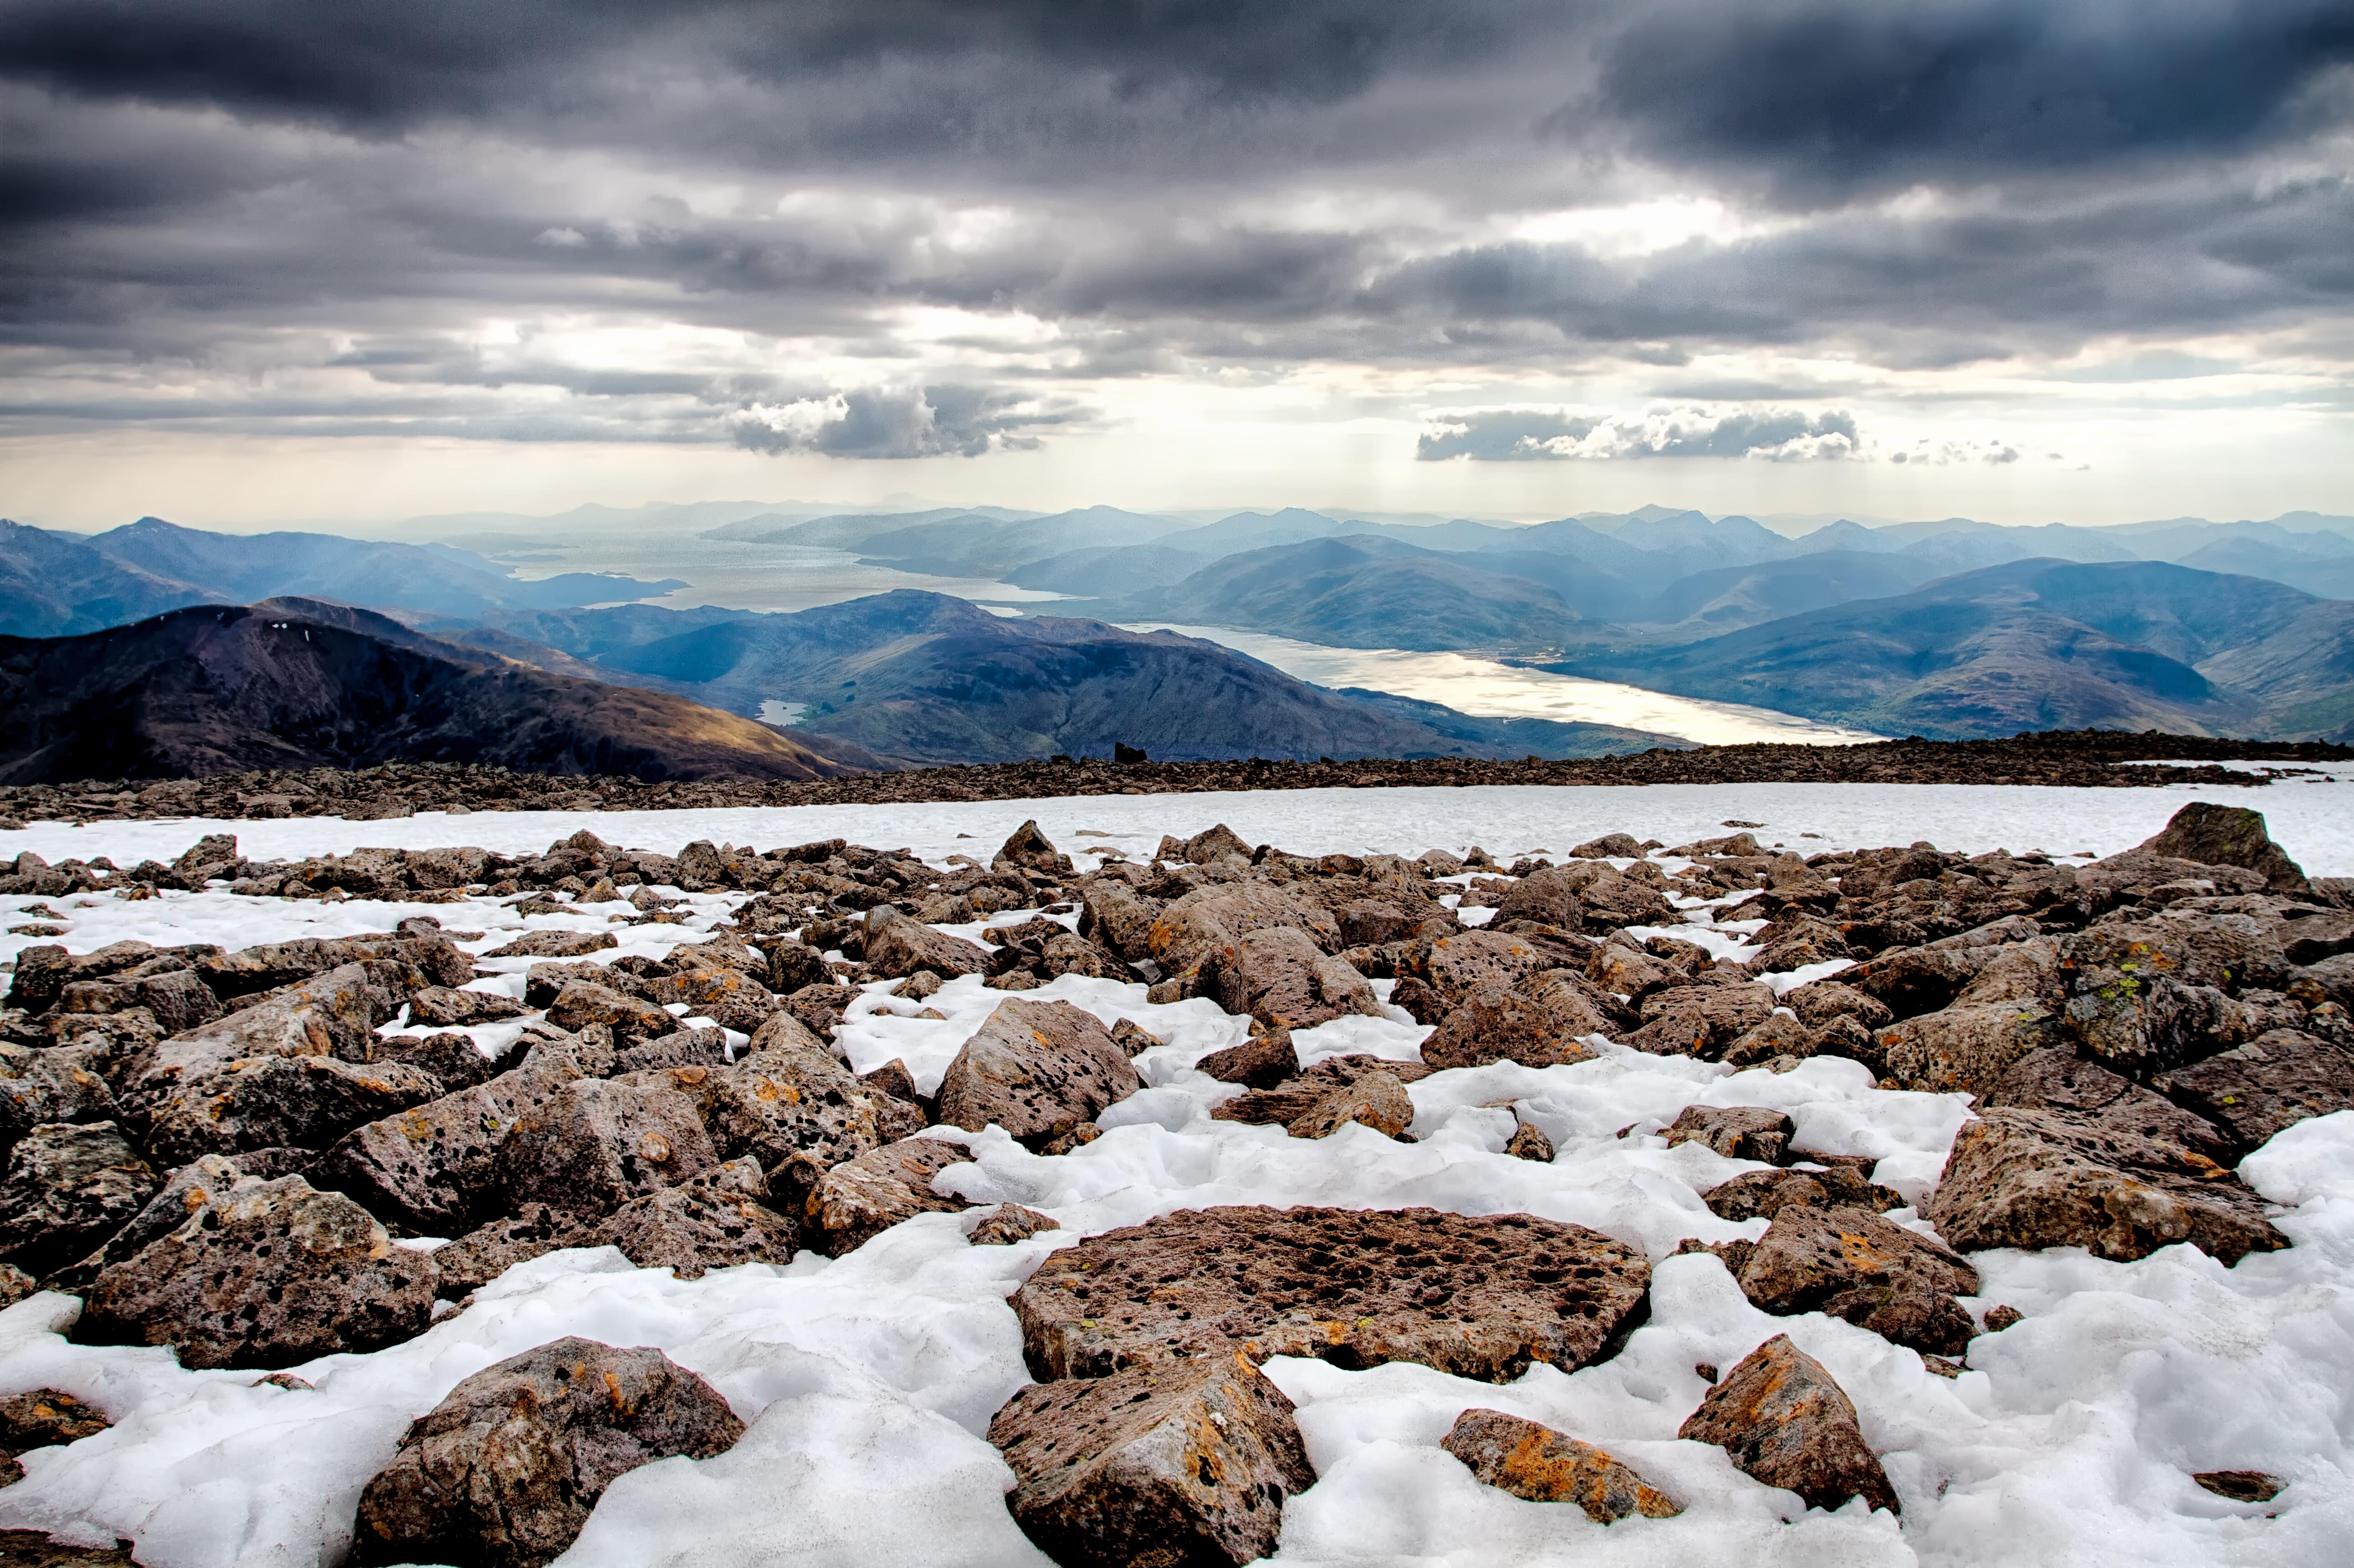 горы камни снег зима  № 2512881 загрузить